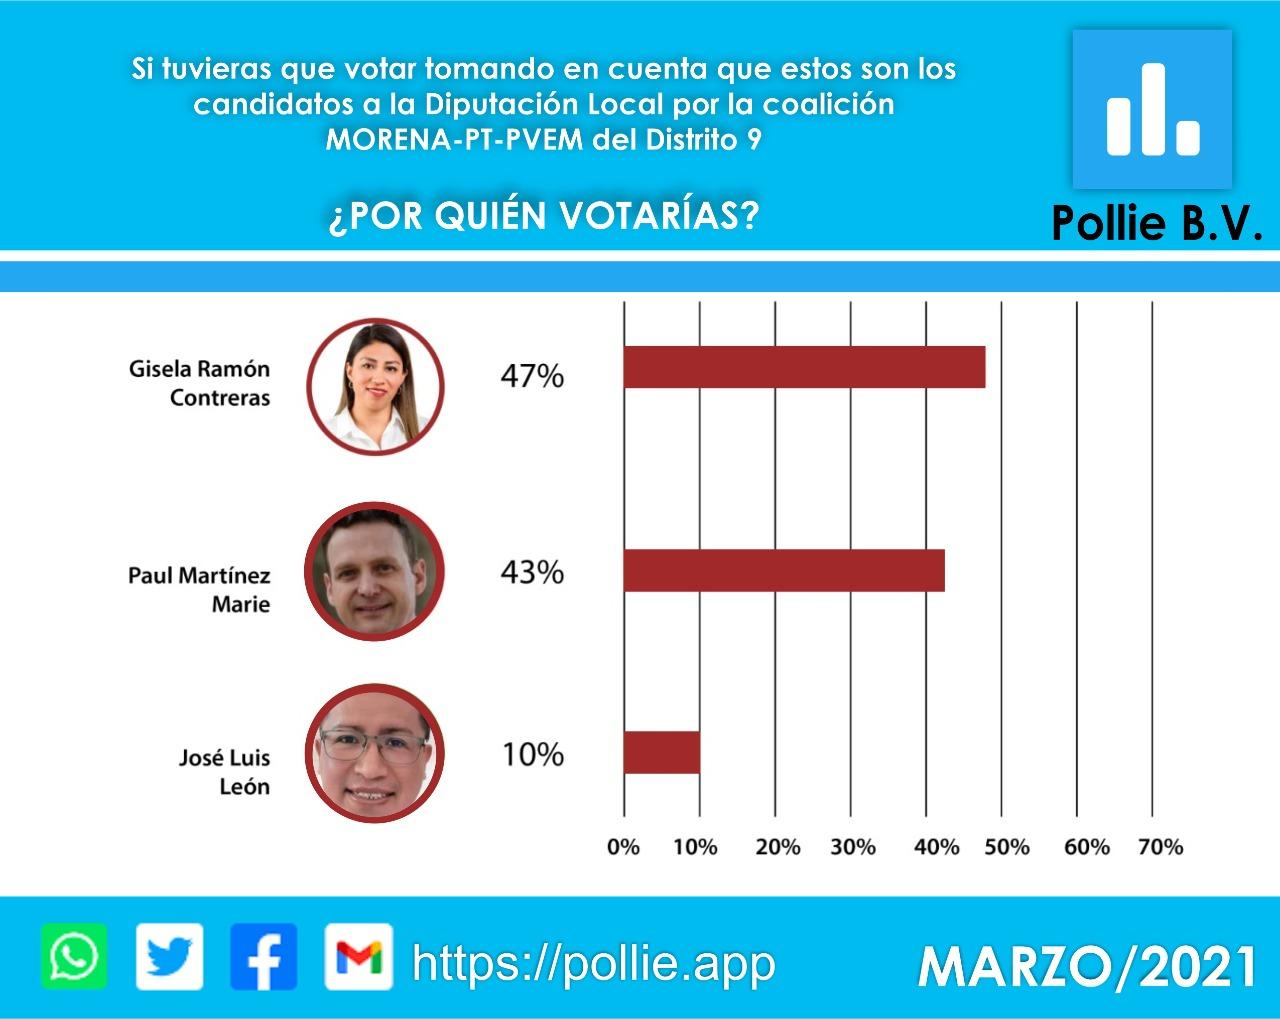 Gisela Ramón arriba en las encuestas por la diputación local de Perote